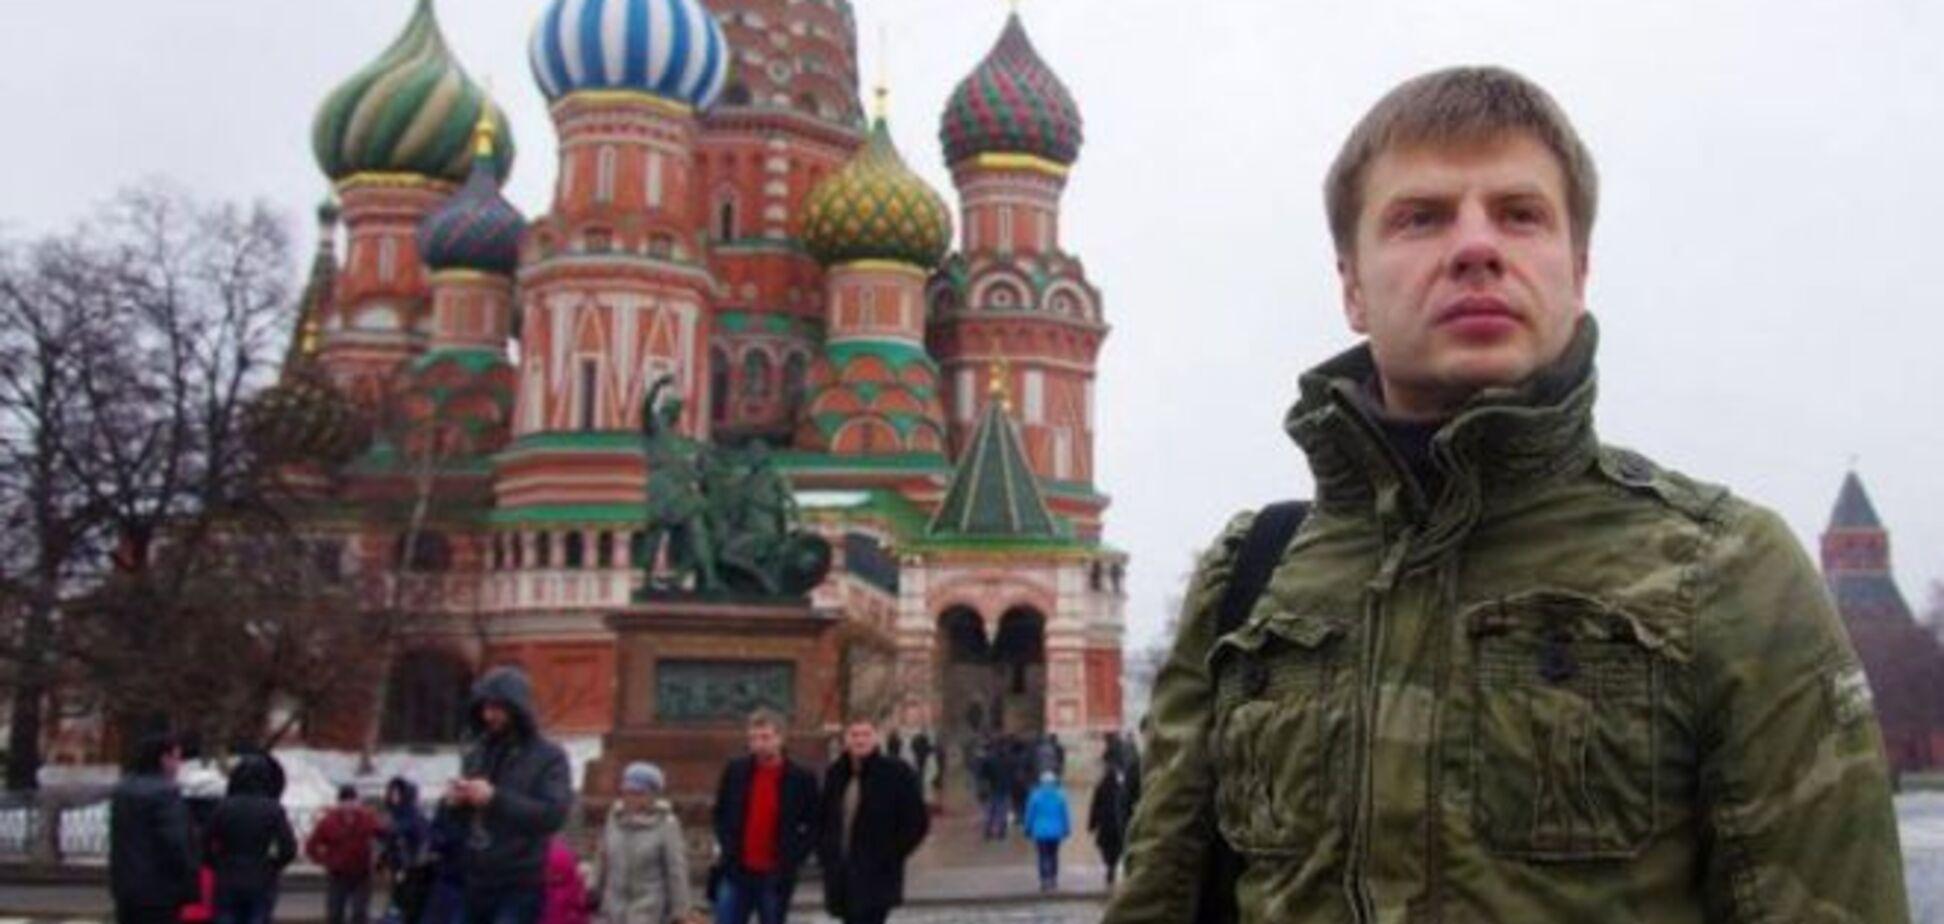 Следком России без адвокатов допрашивает нардепа Гончаренко по одесской трагедии